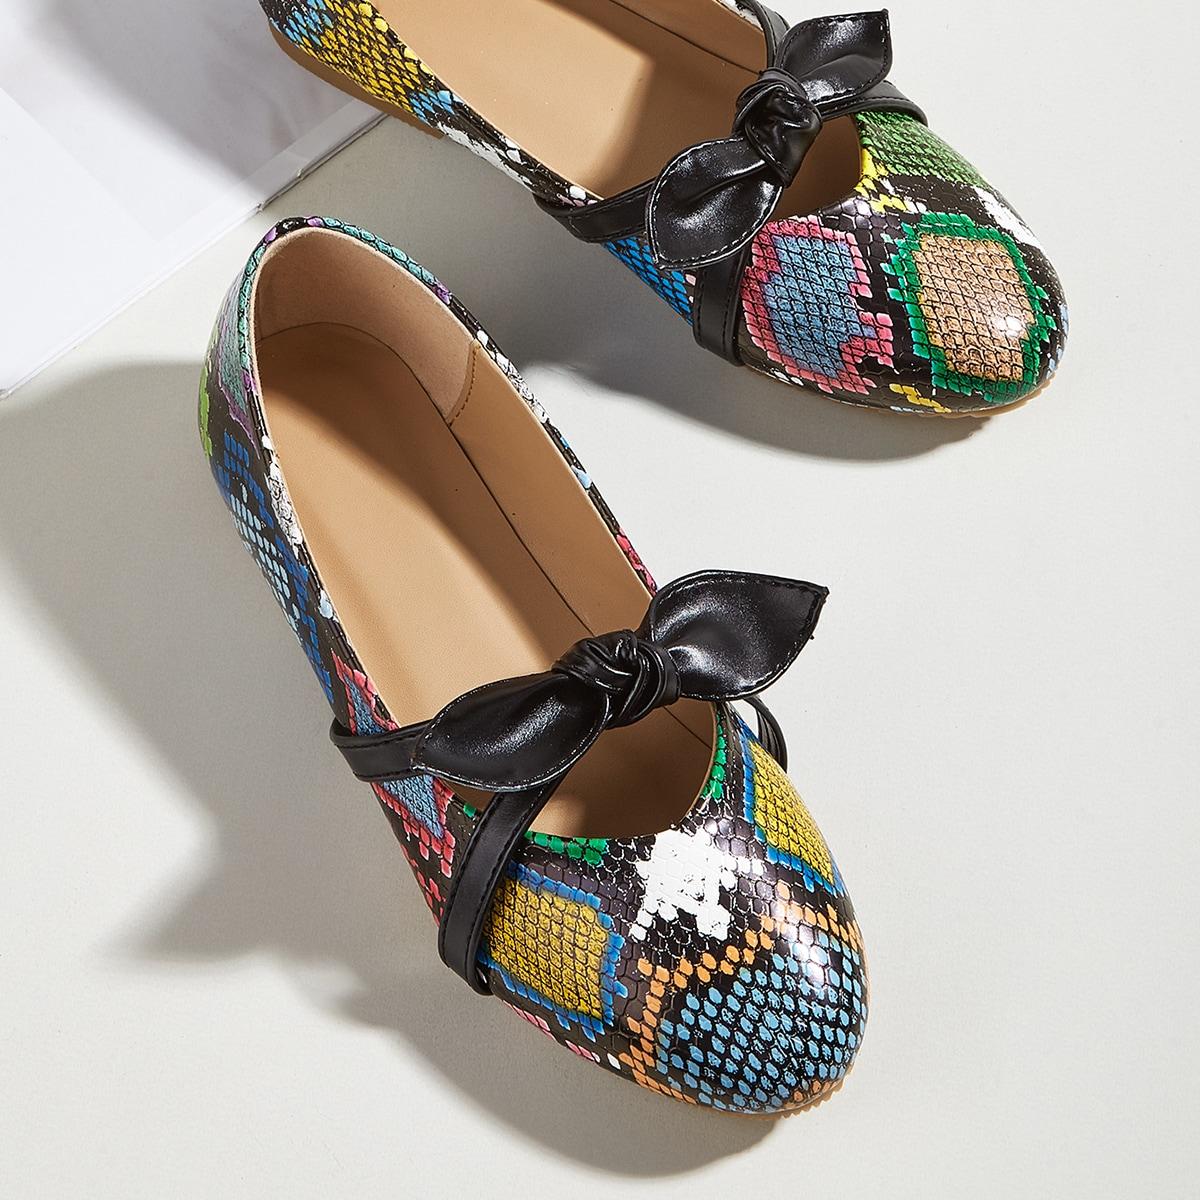 Туфли на плоской подошве со змеиным принтом и бантом для девочек от SHEIN